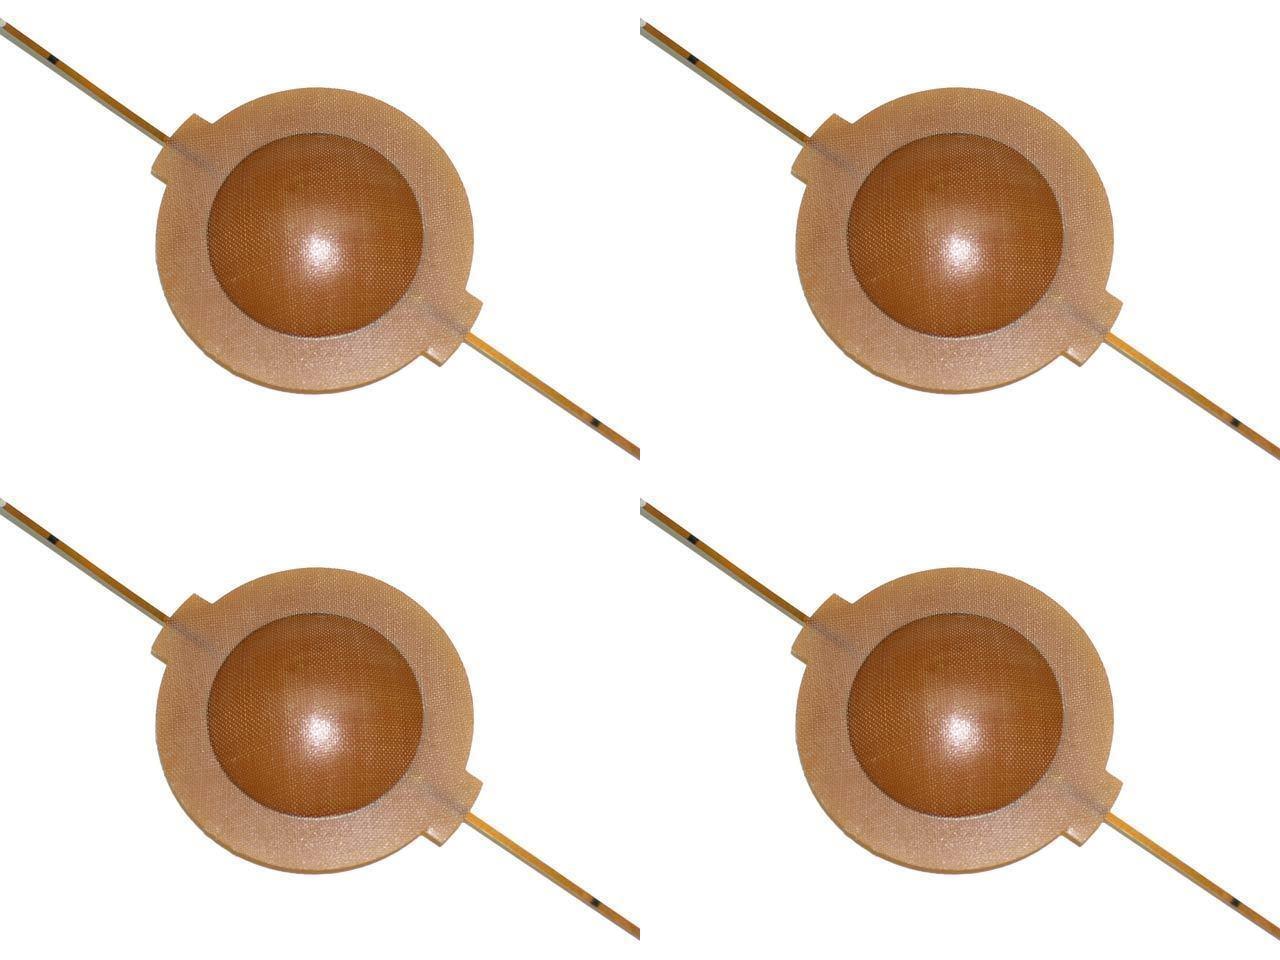 SS Audio Diaphragm for Klipsch Tweeter Horn K77, 89486A-KLP (4 PACK)